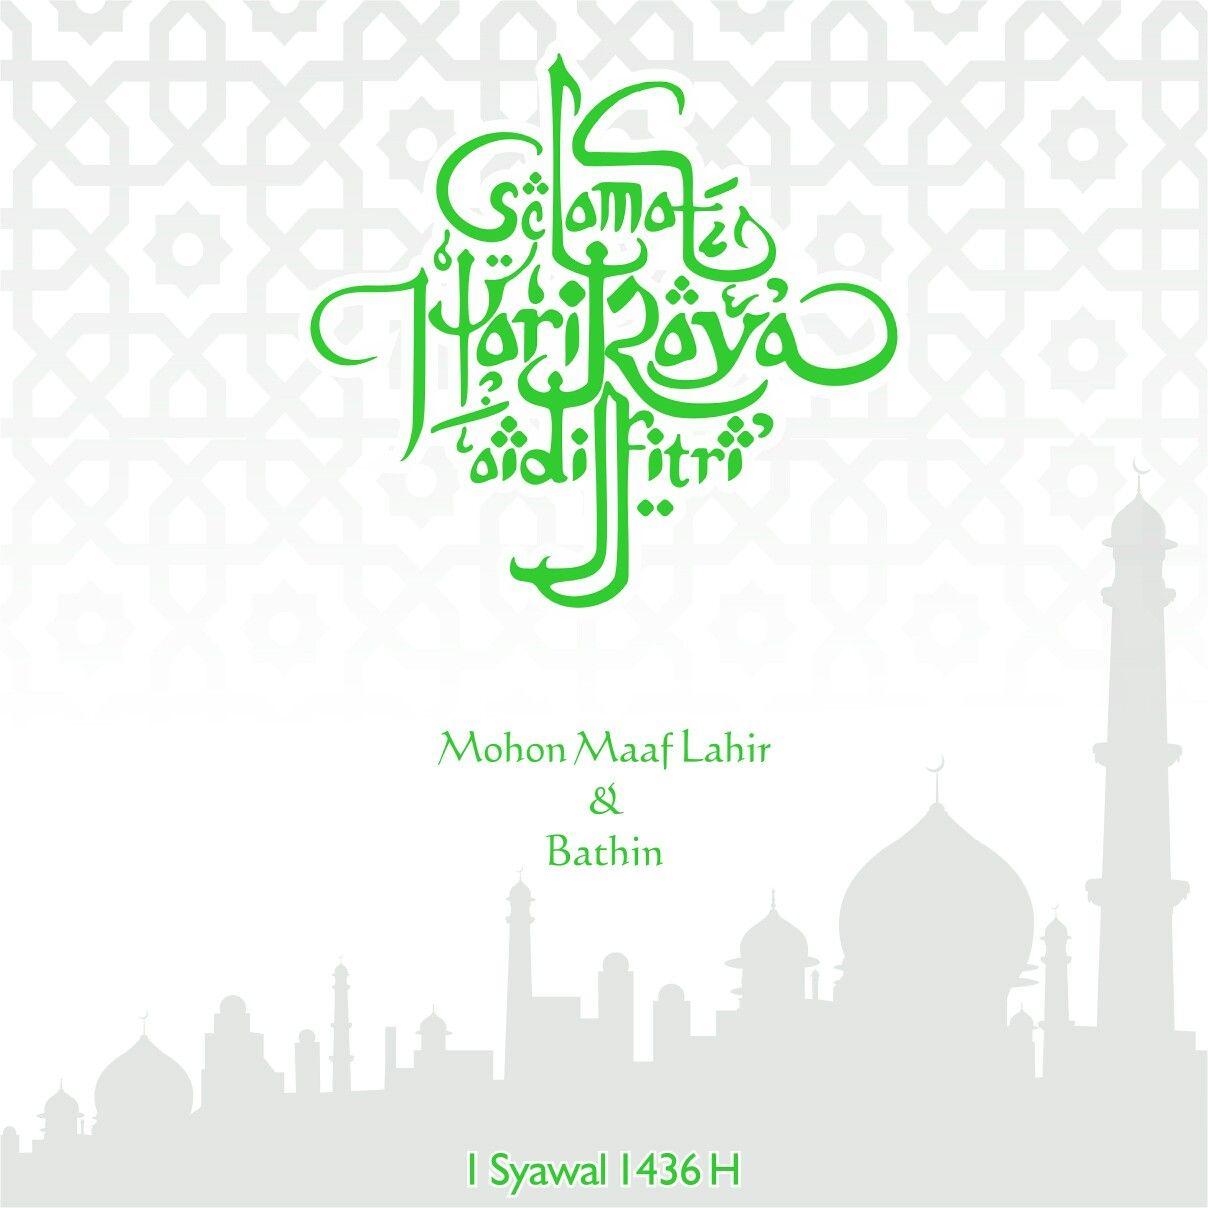 Happy Ied Mubarak Poster Happy Ied Al Fitr Poster Selamat